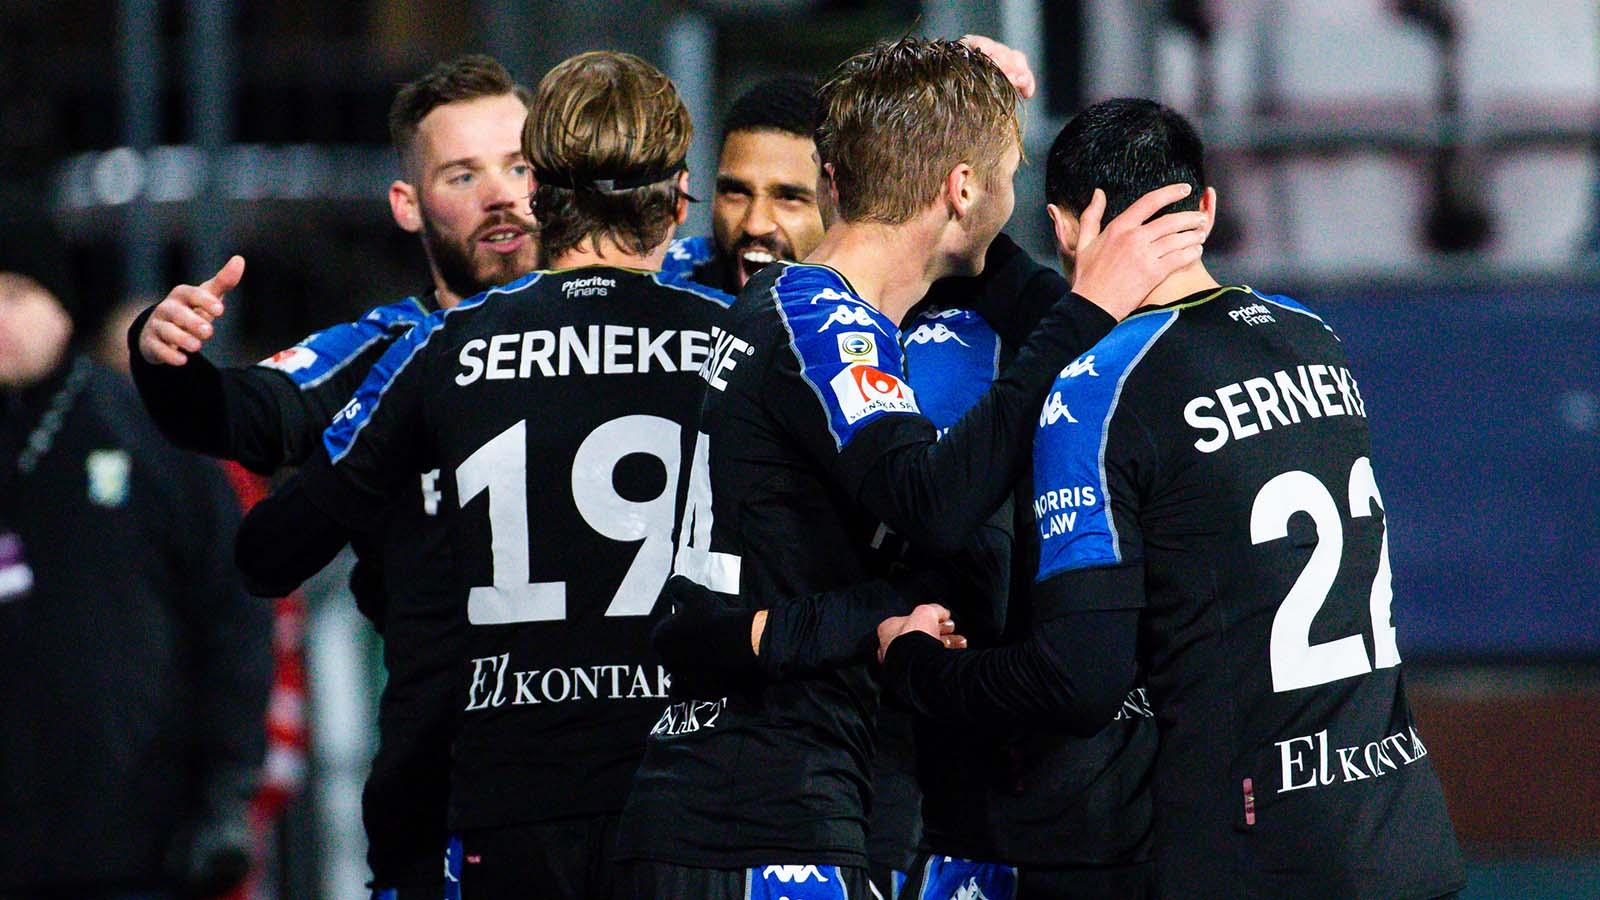 181111 IFK Göteborgs spelare jublar efter 1-3 under fotbollsmatchen i Allsvenskan mellan Örebro och Göteborg den 11 november 2018 i Örebro. Foto: Johan Bernström / BILDBYRÅN / COP 119